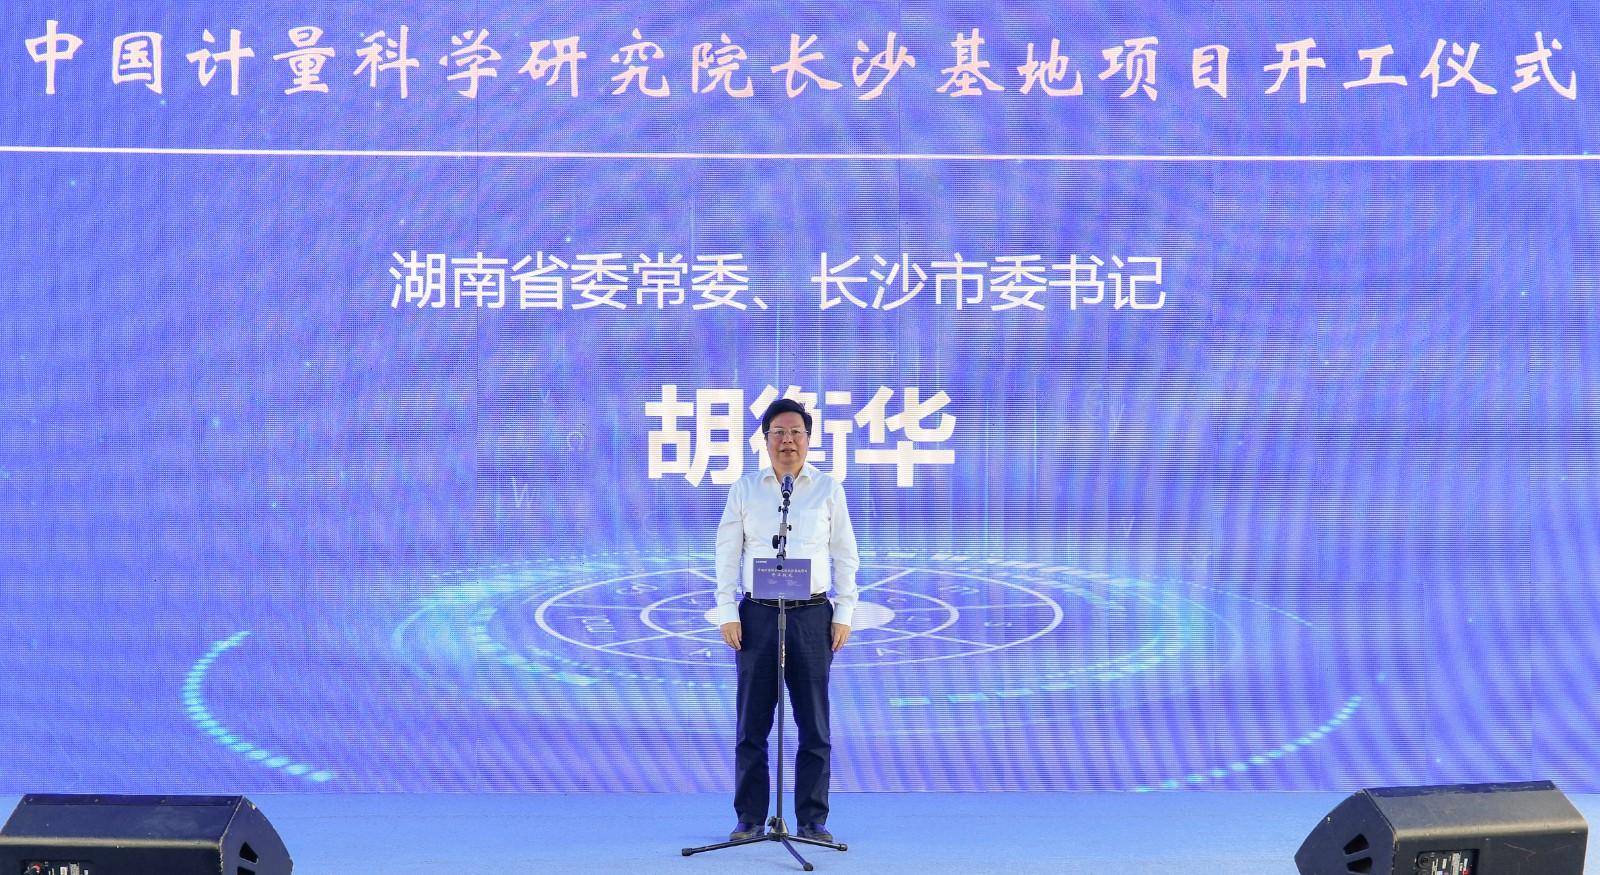 今天上午,省委常委、市委书记胡衡华宣布中国计量科学研究院长沙基地项目正式开工。长沙晚报全媒体记者 余劭劼 摄